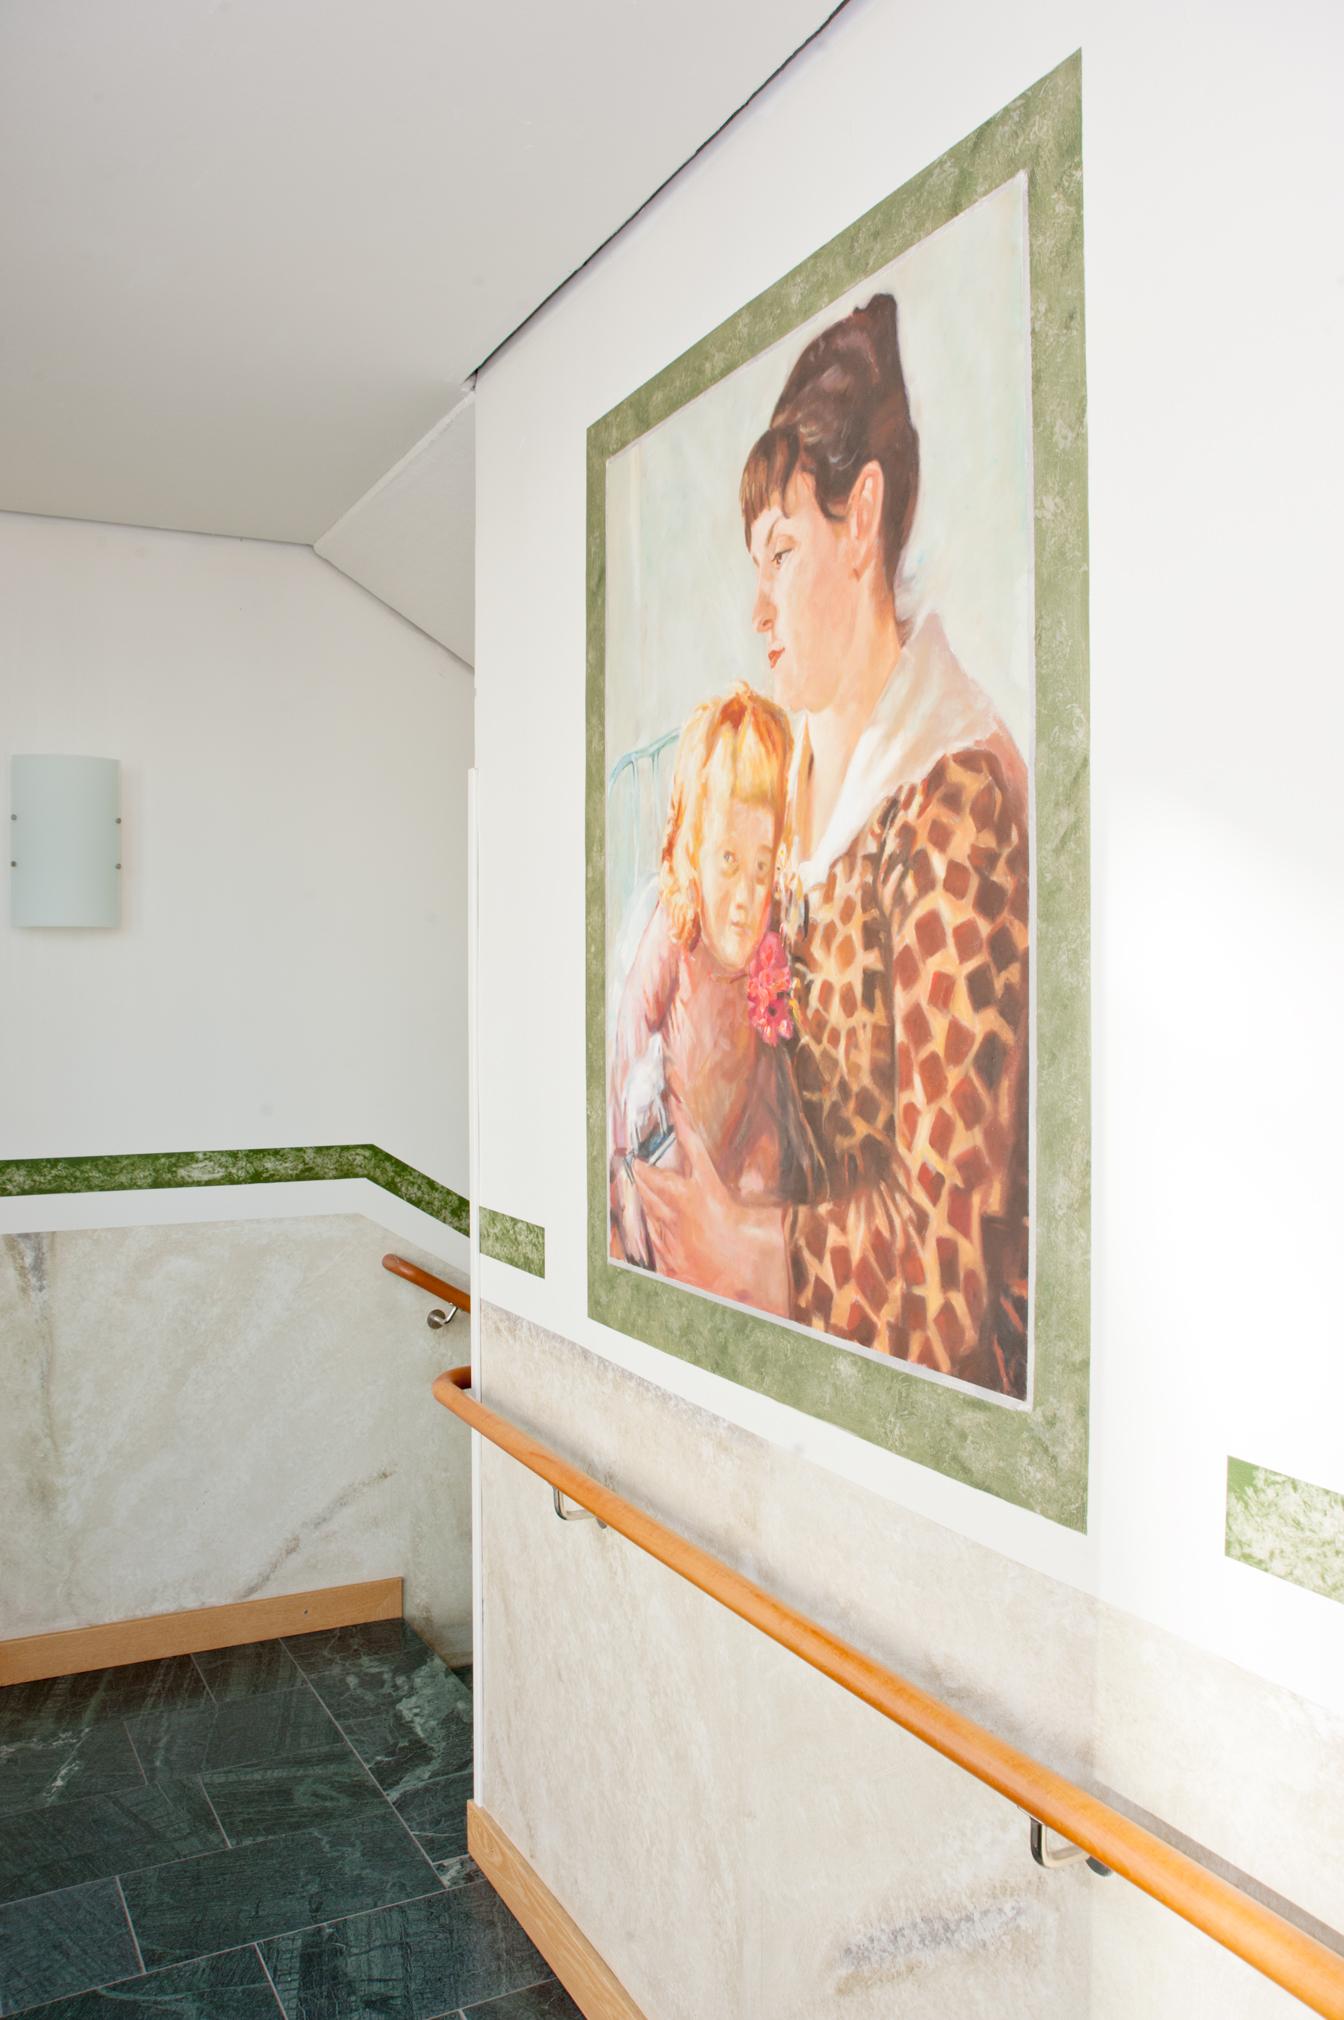 Reproduktion av Claes-Åke Schlönzig - Ernst Josephsson - Mor och barn - Klicka för att byta till närbild.